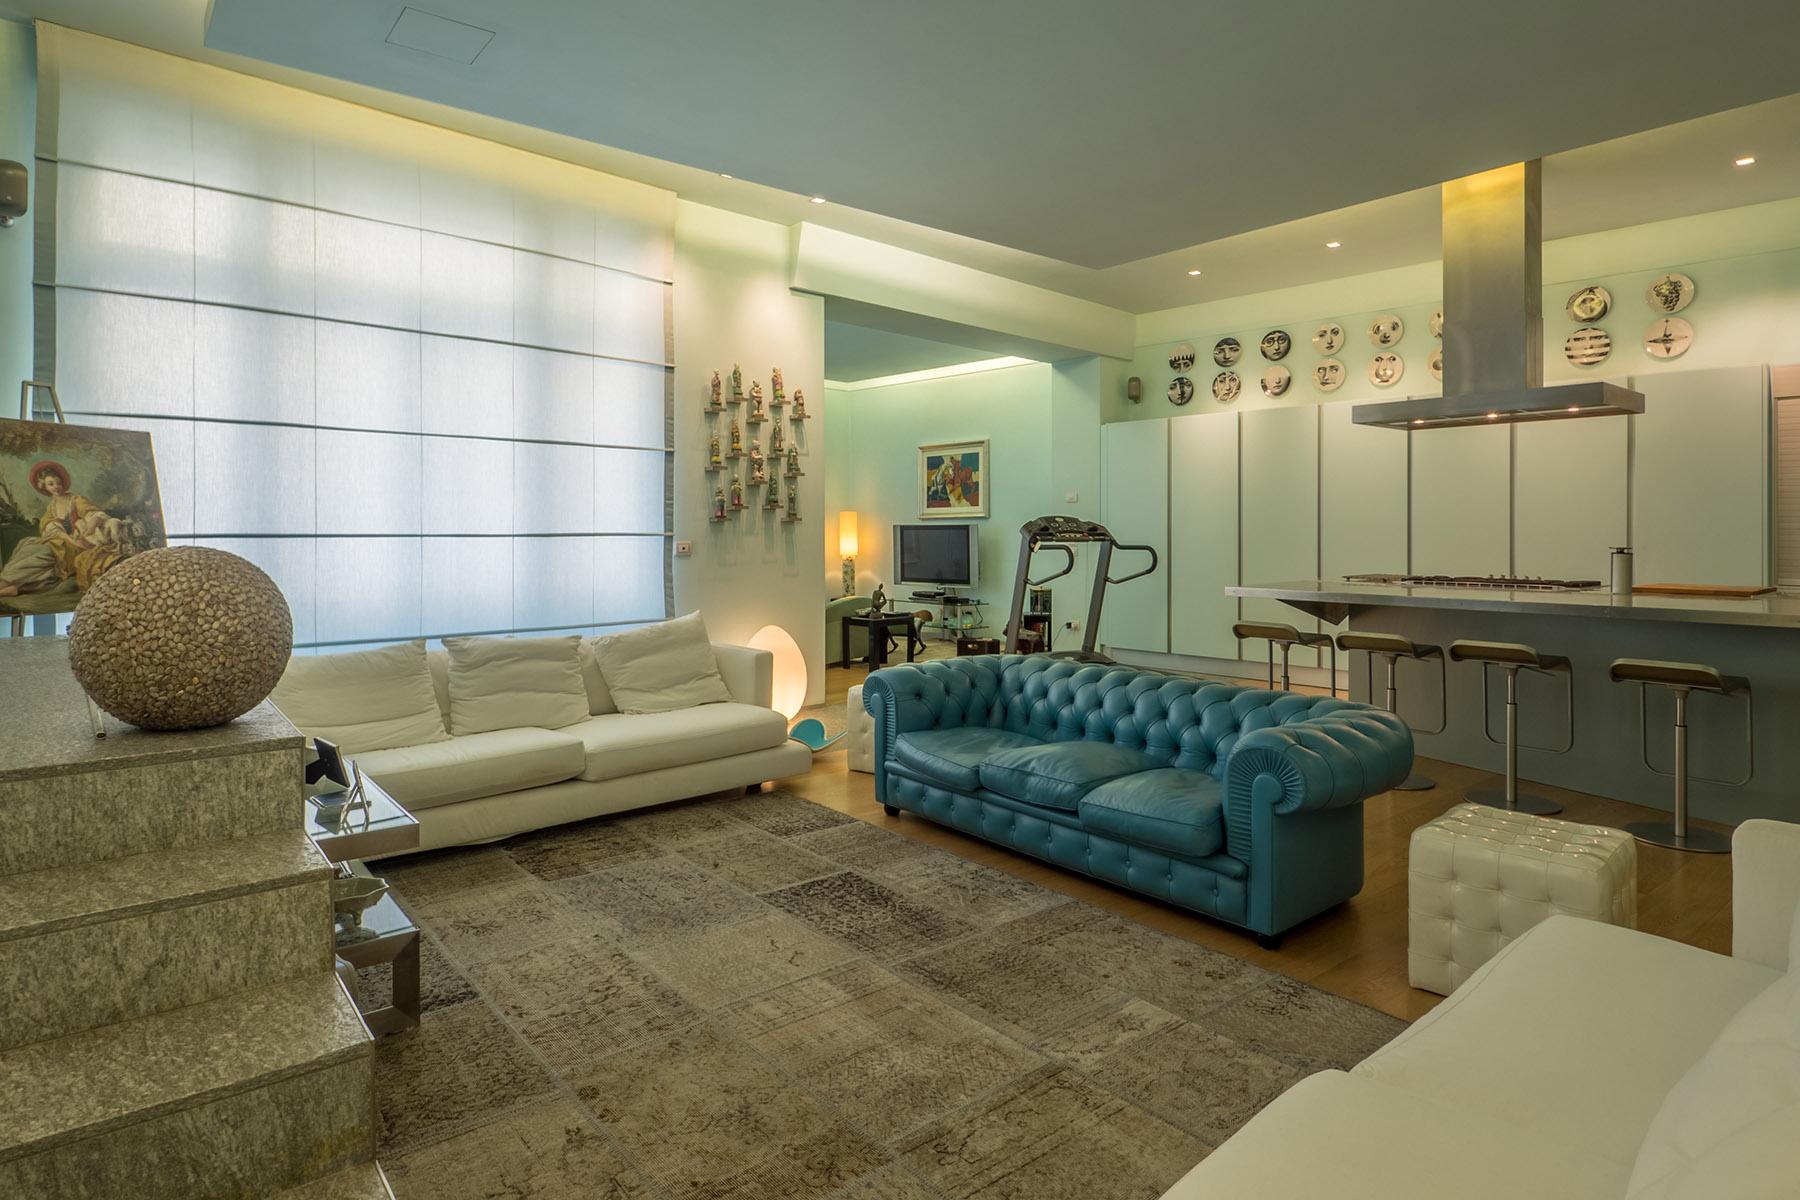 Appartamento in Vendita a Torino: 4 locali, 148 mq - Foto 4